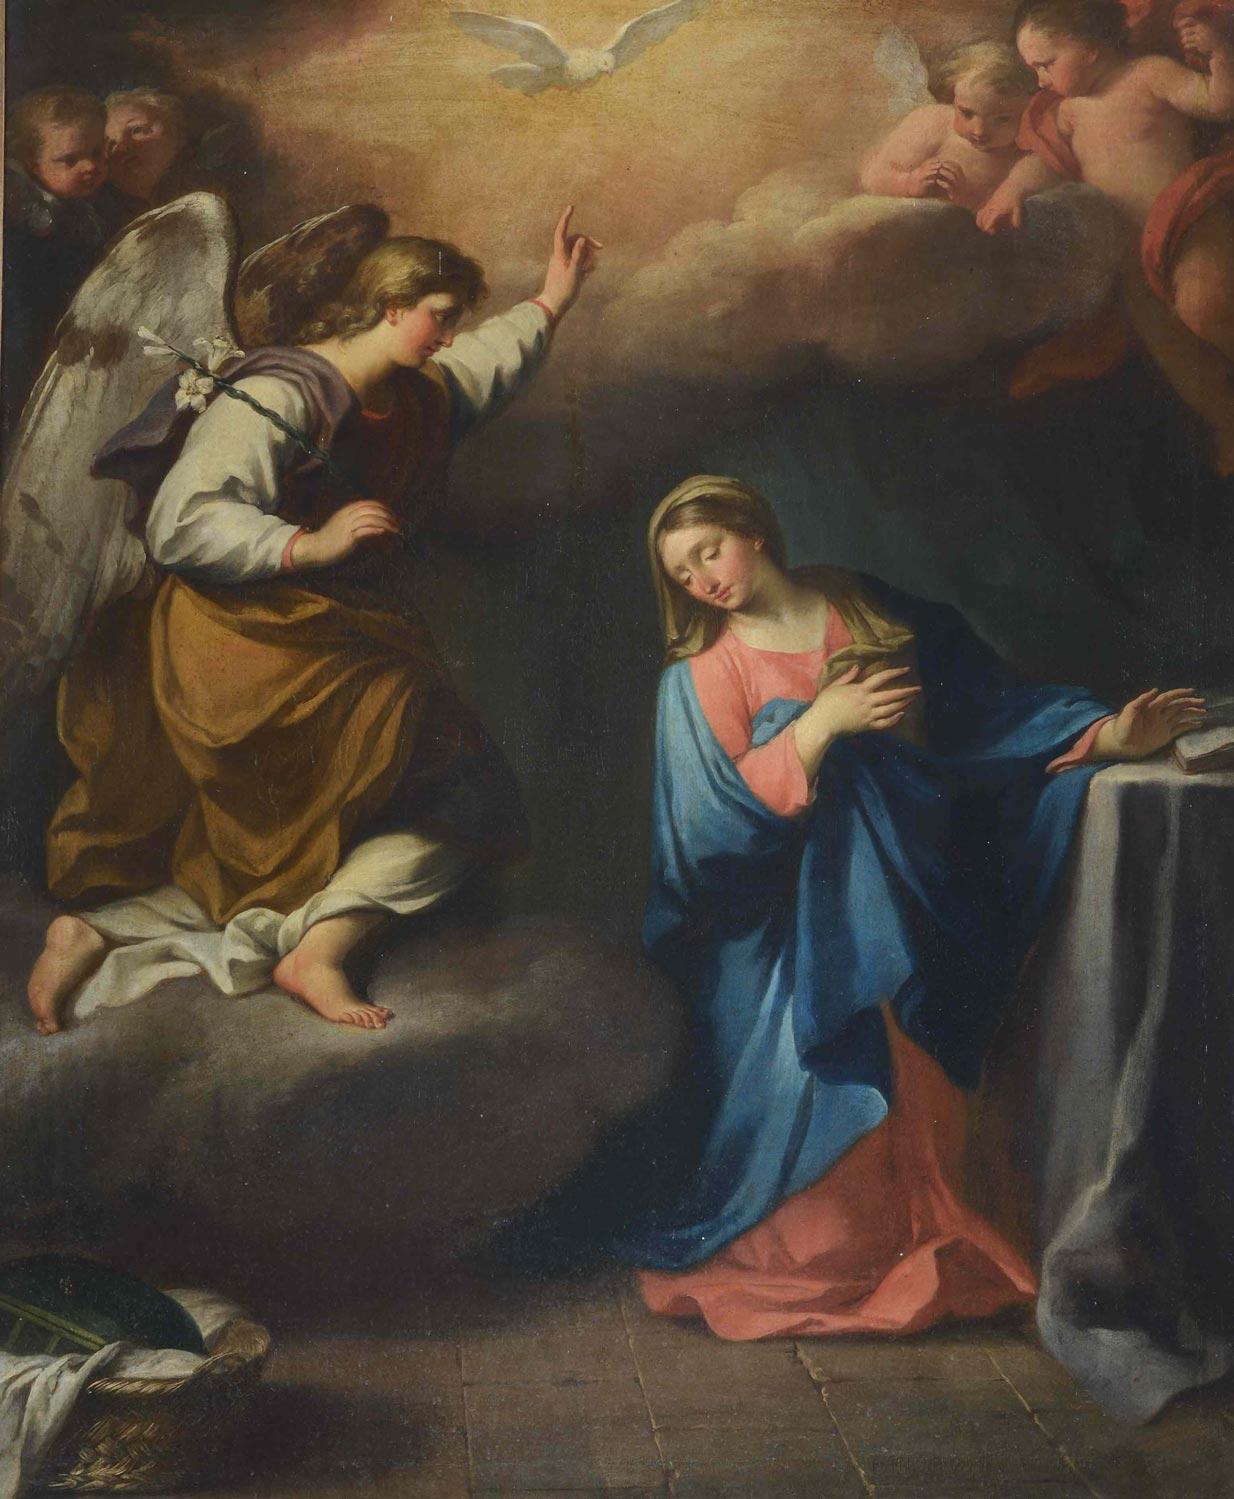 Appuntamenti per Mercoledì 25 marzo 2020 Solennità dell'Annunciazione del Signore e per Venerdì 27 marzo 2020